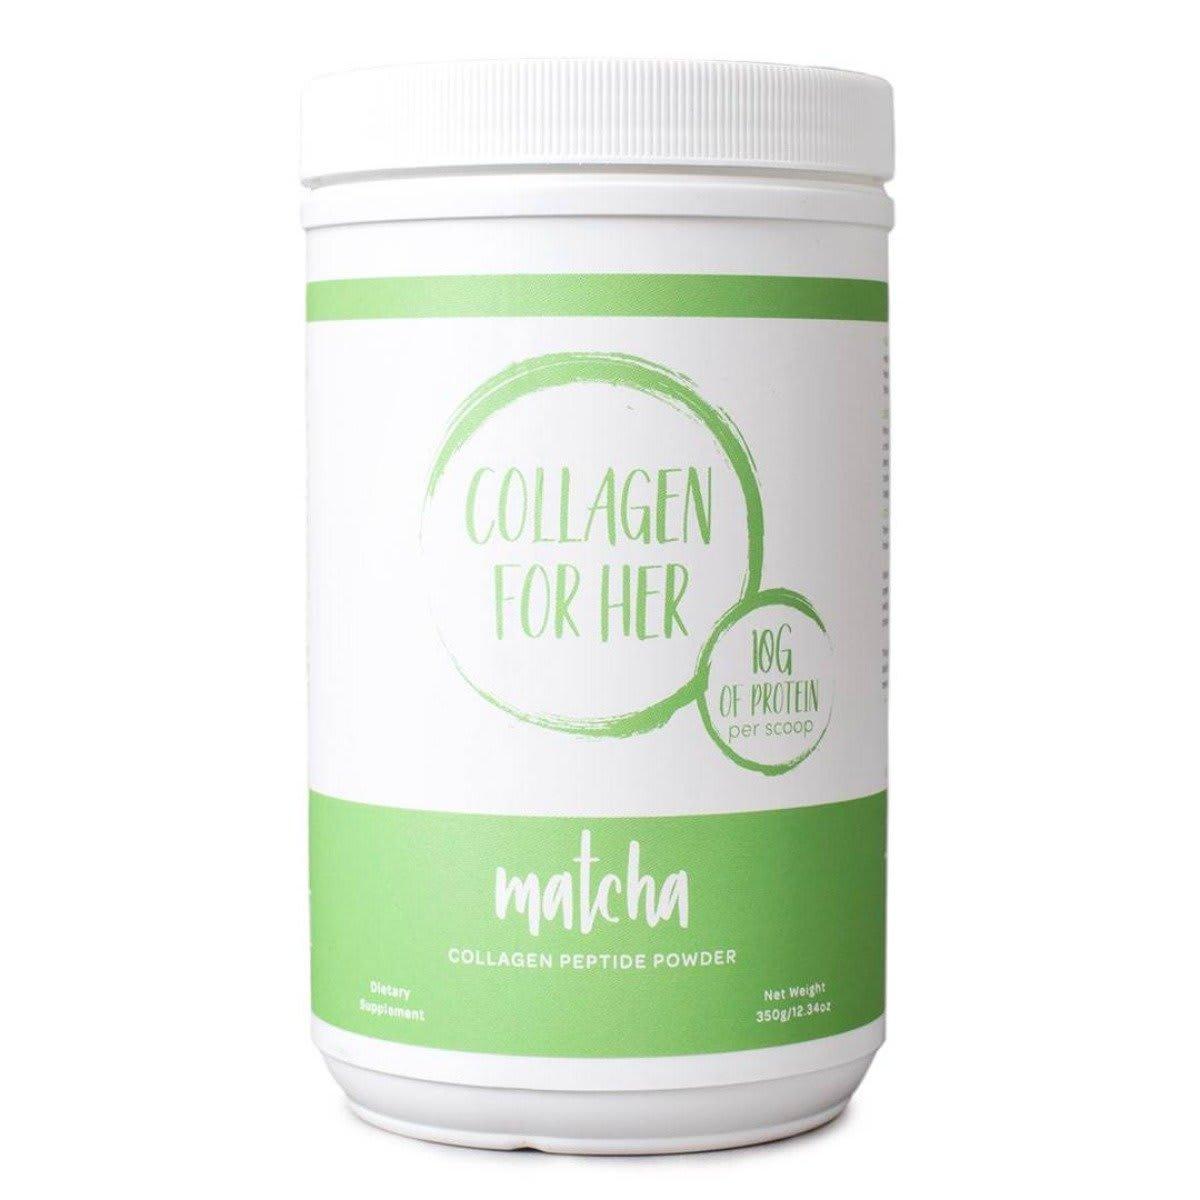 Collagen For Her Matcha Collagen Peptide Powder. Dietary Supplement. Net Weight 350G . 12.34oz. 10G of protein per scoop.